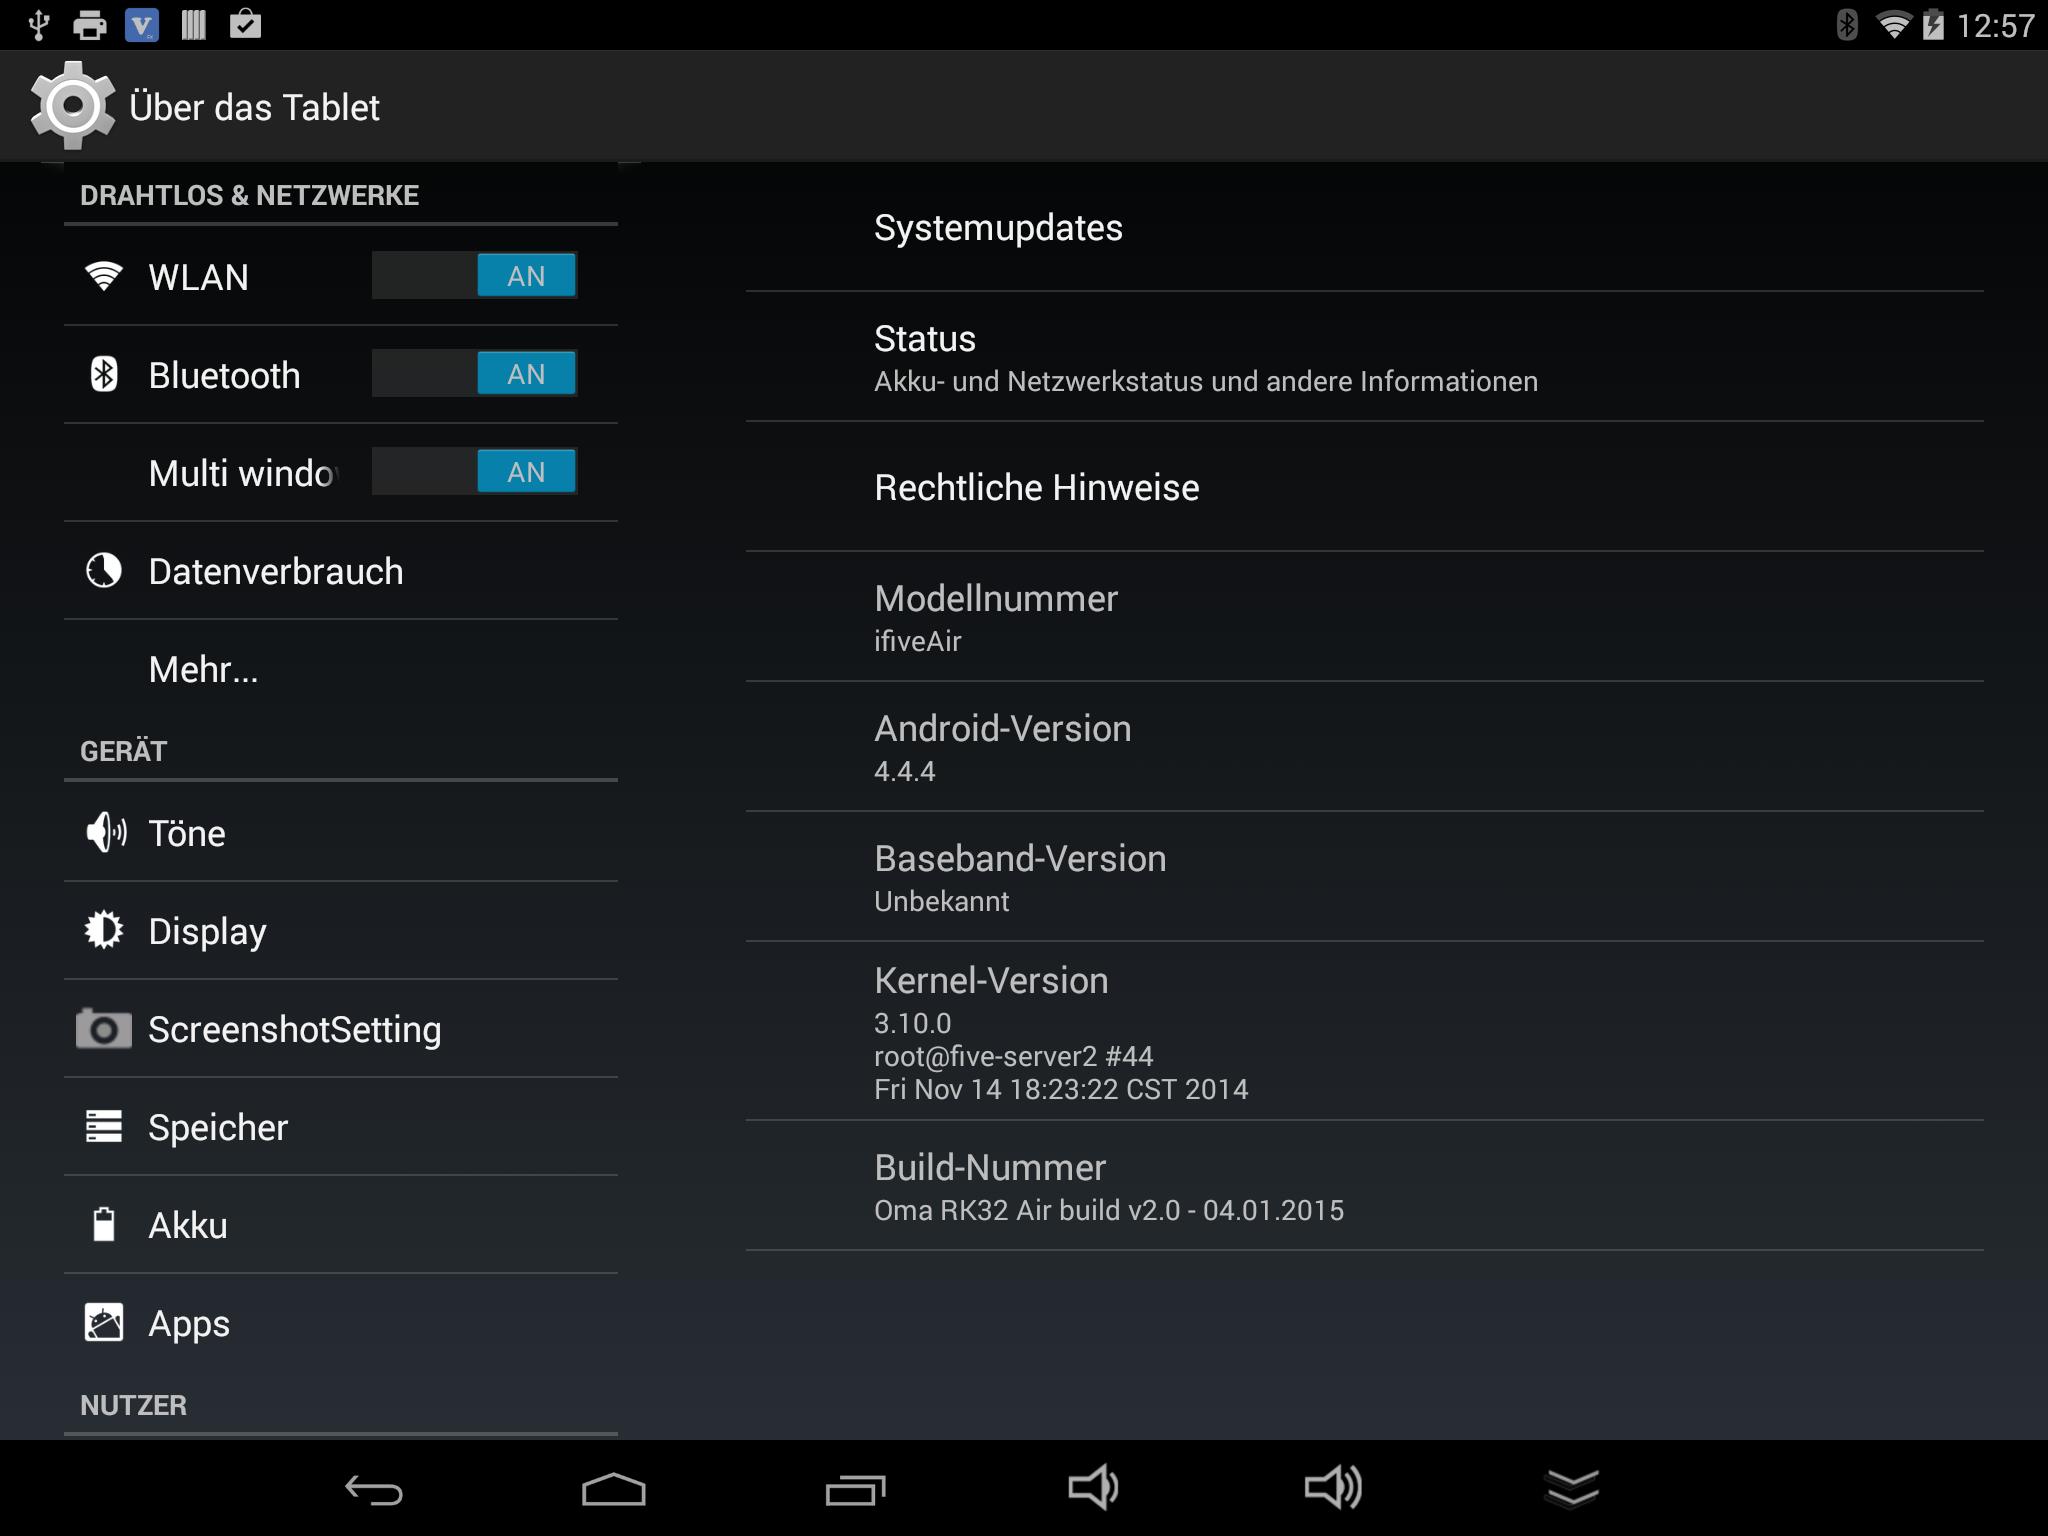 Oma-RK32-Air-build-v2.0-04.01.2015-1.png